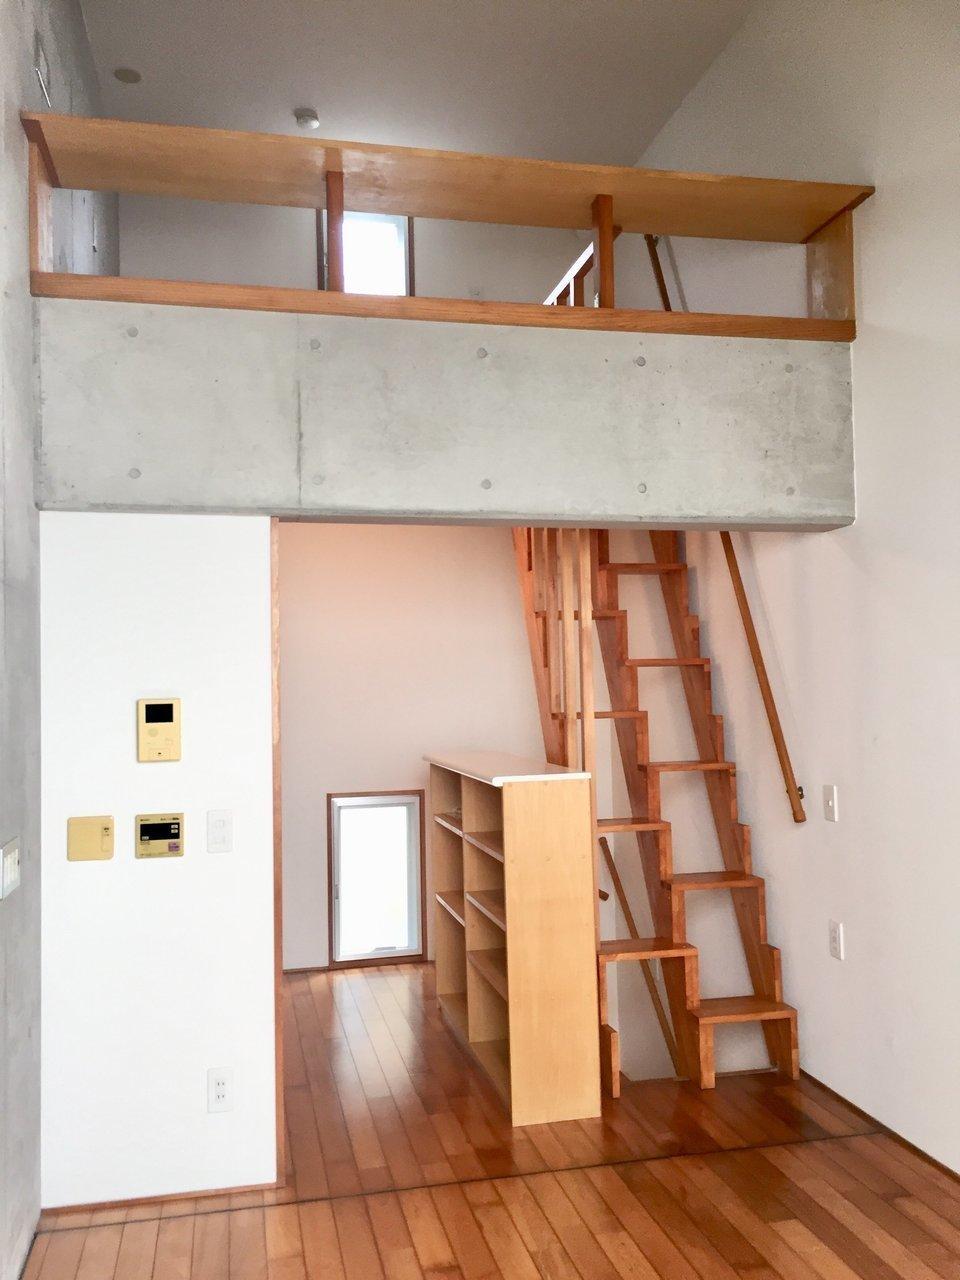 メインの洋室7畳はご覧の通りロフト付きで天井が高いので気持ち良い。打ちっ放しの壁に木の棚、木のハシゴのバランスもいいですね。